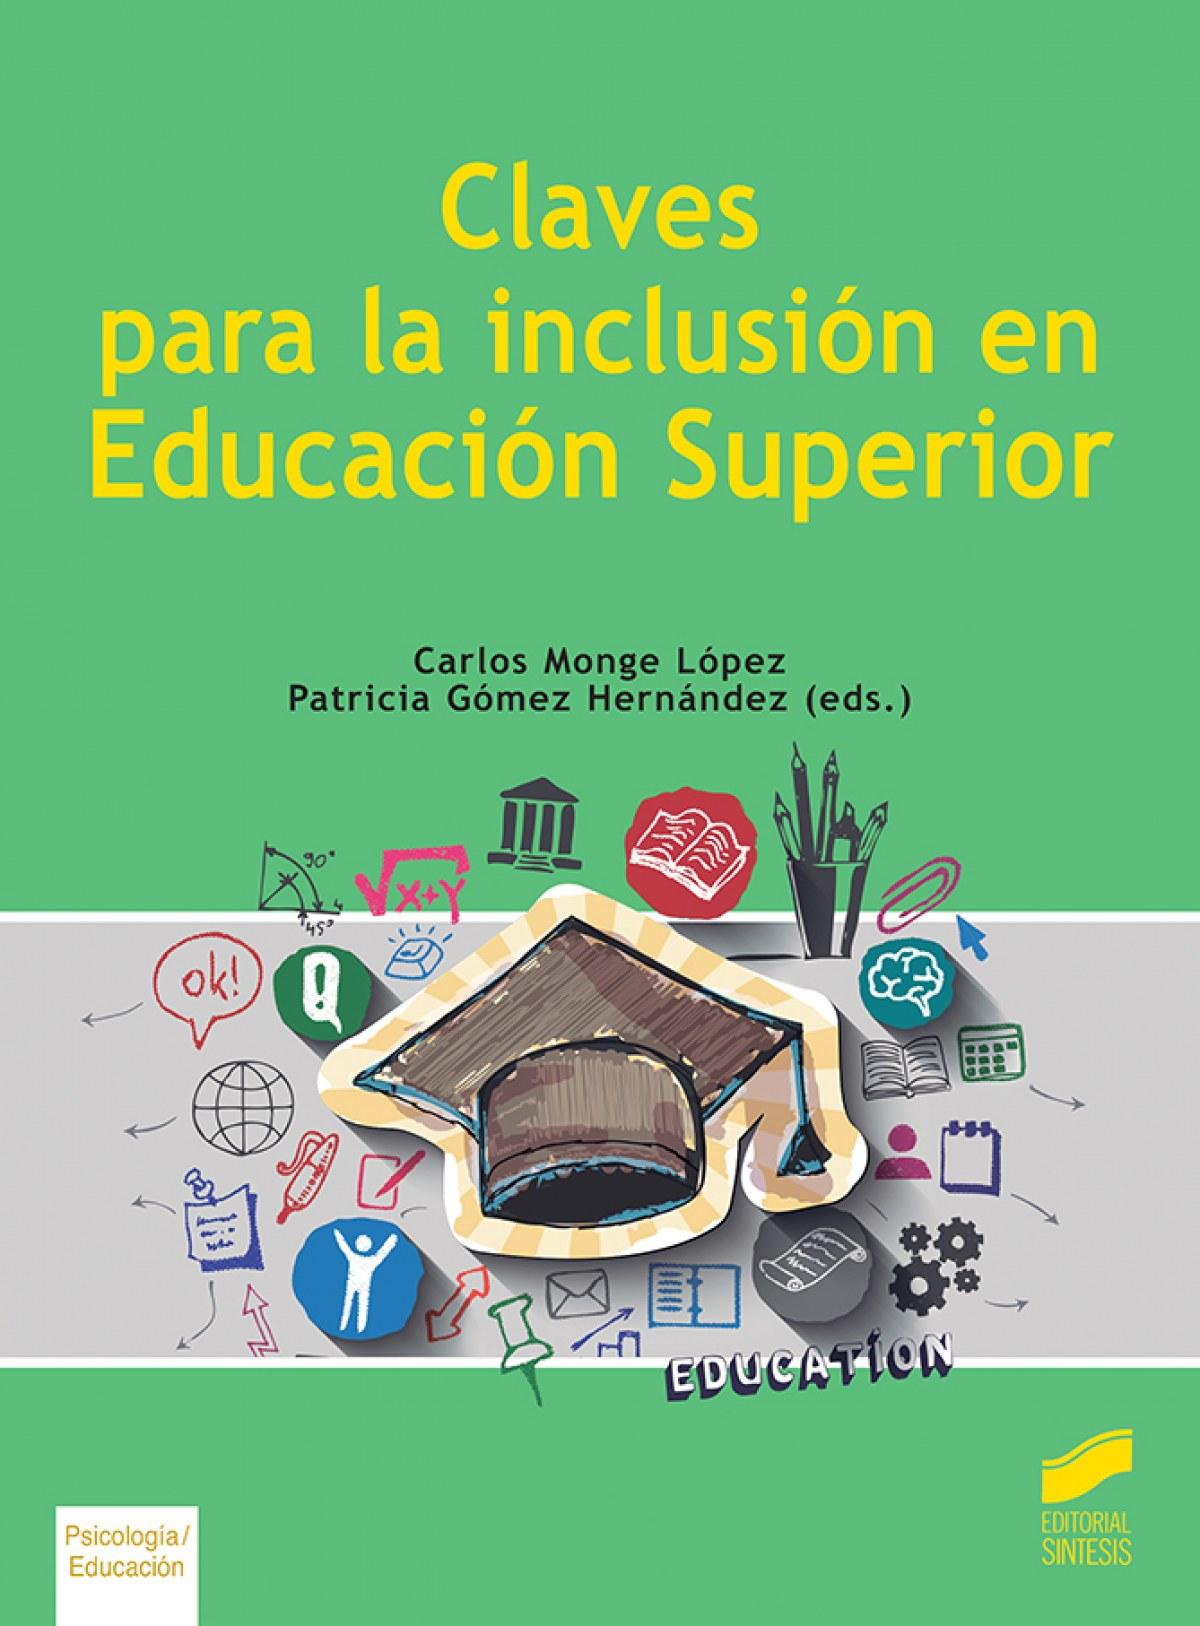 Claves para la inclusión en Educación Superior